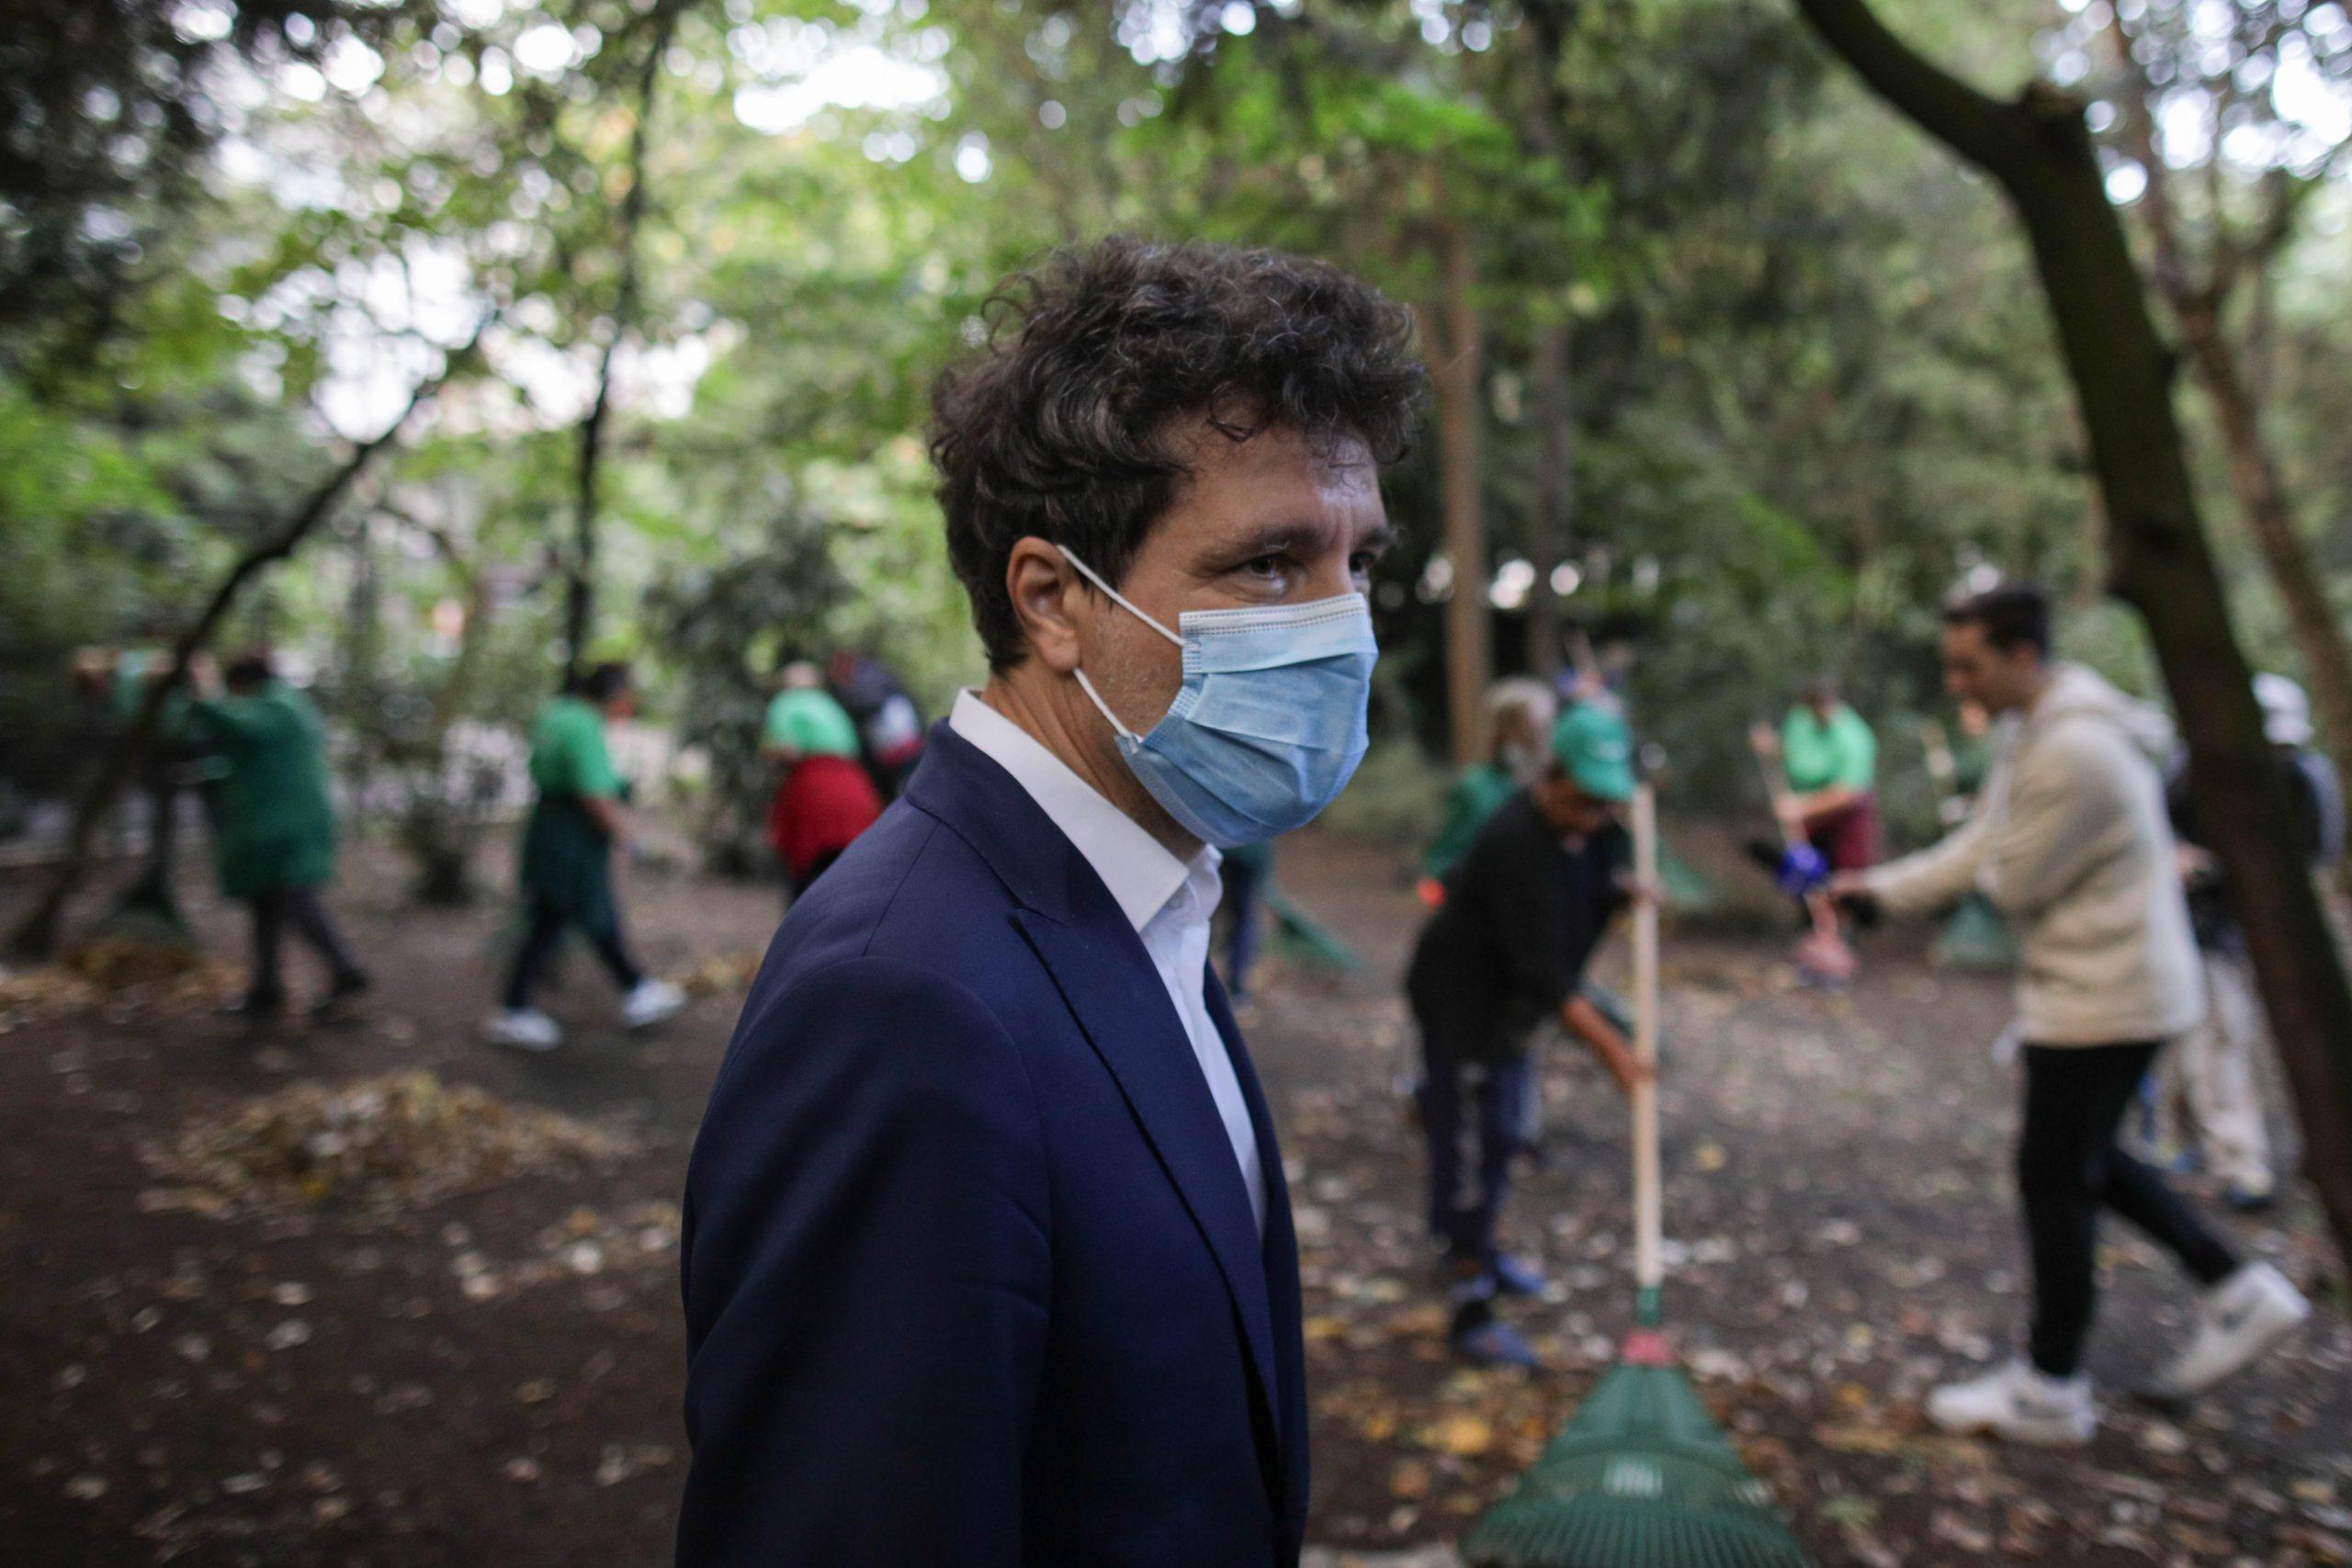 Nicușor Dan și cei 40 de ALPAB-iști fac curățenie în Parcul Cișmigiu dis-de-dimineață. Primarul pregătește un test și ar putea externaliza curățenia în parcurile Capitalei